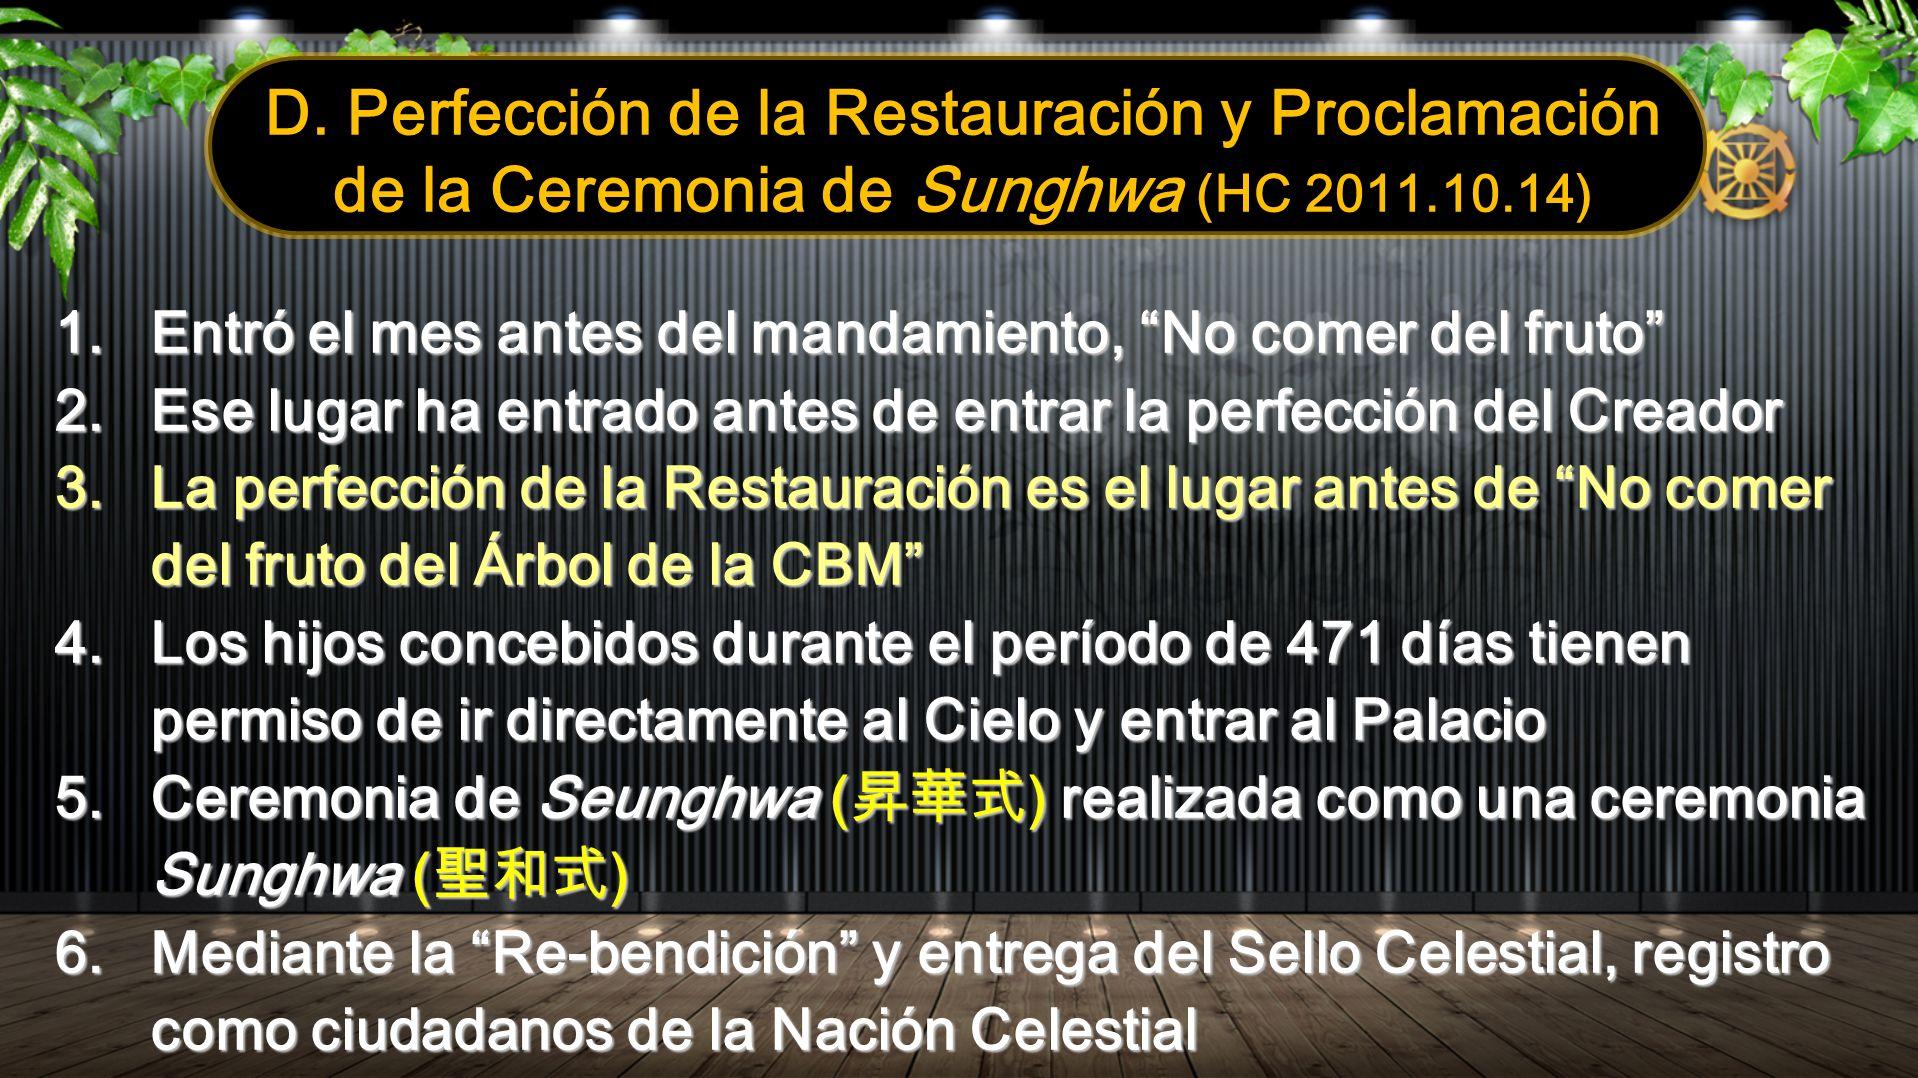 D. Perfección de la Restauración y Proclamación de la Ceremonia de Sunghwa (HC 2011.10.14)